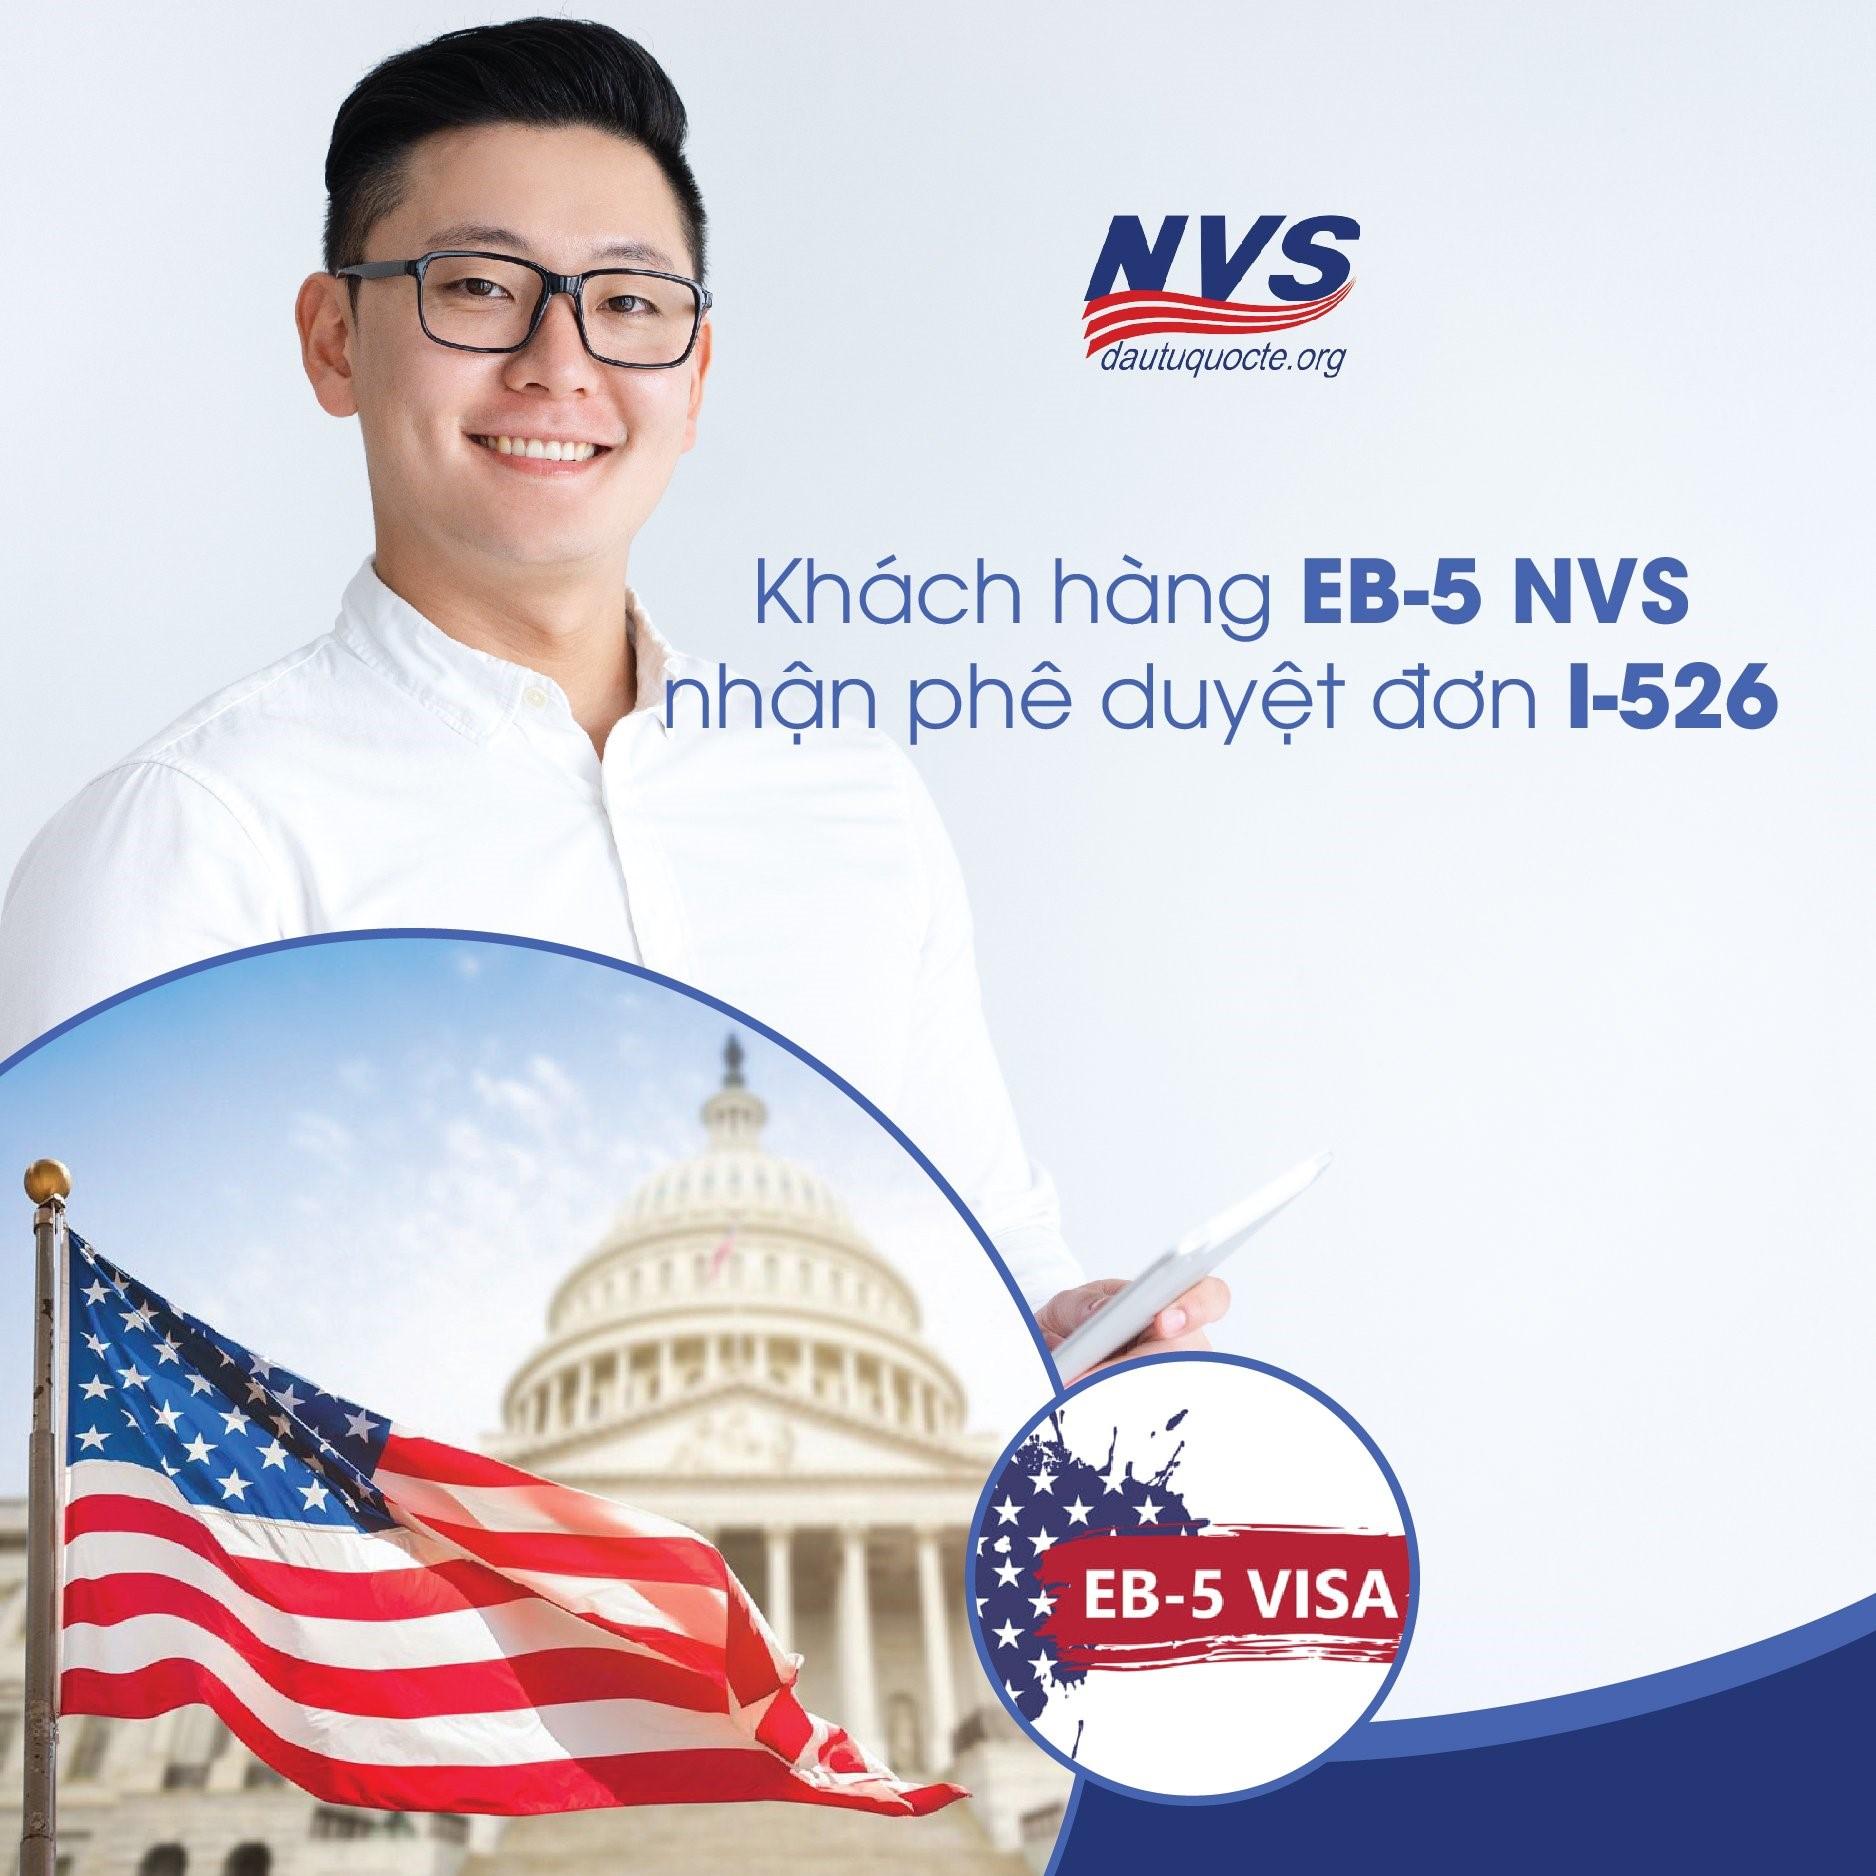 Khách hàng NVS nhận phê duyệt đơn I-526 chương trình EB-5 định cư Mỹ tháng 02/2021